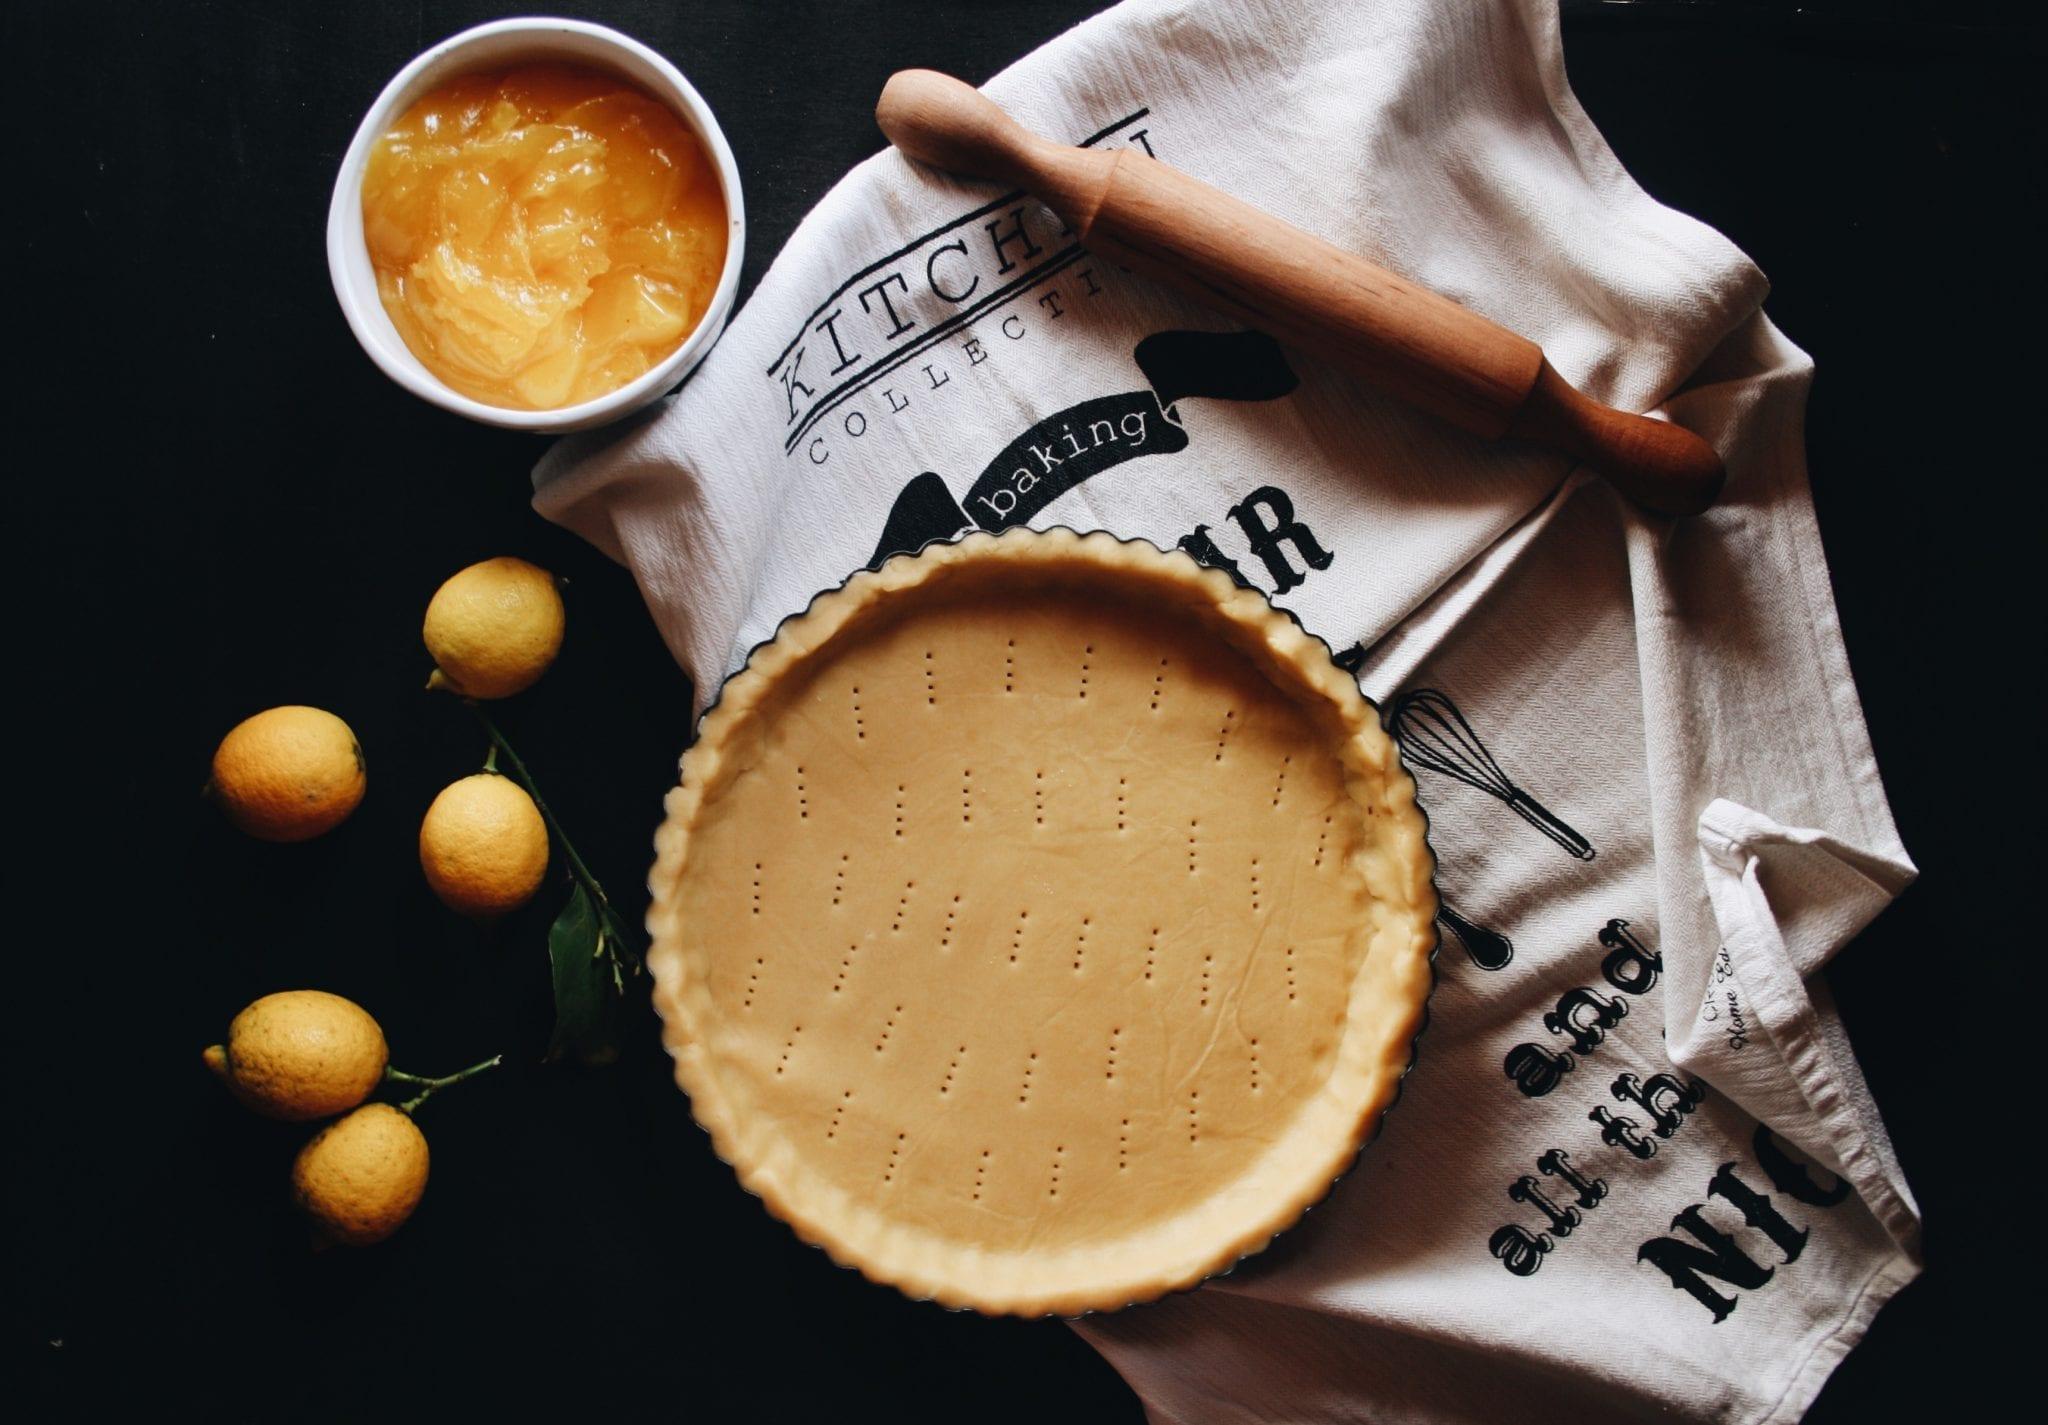 frolla per tarte au citron meringuée - Cuor di Biscotto - Le Plume